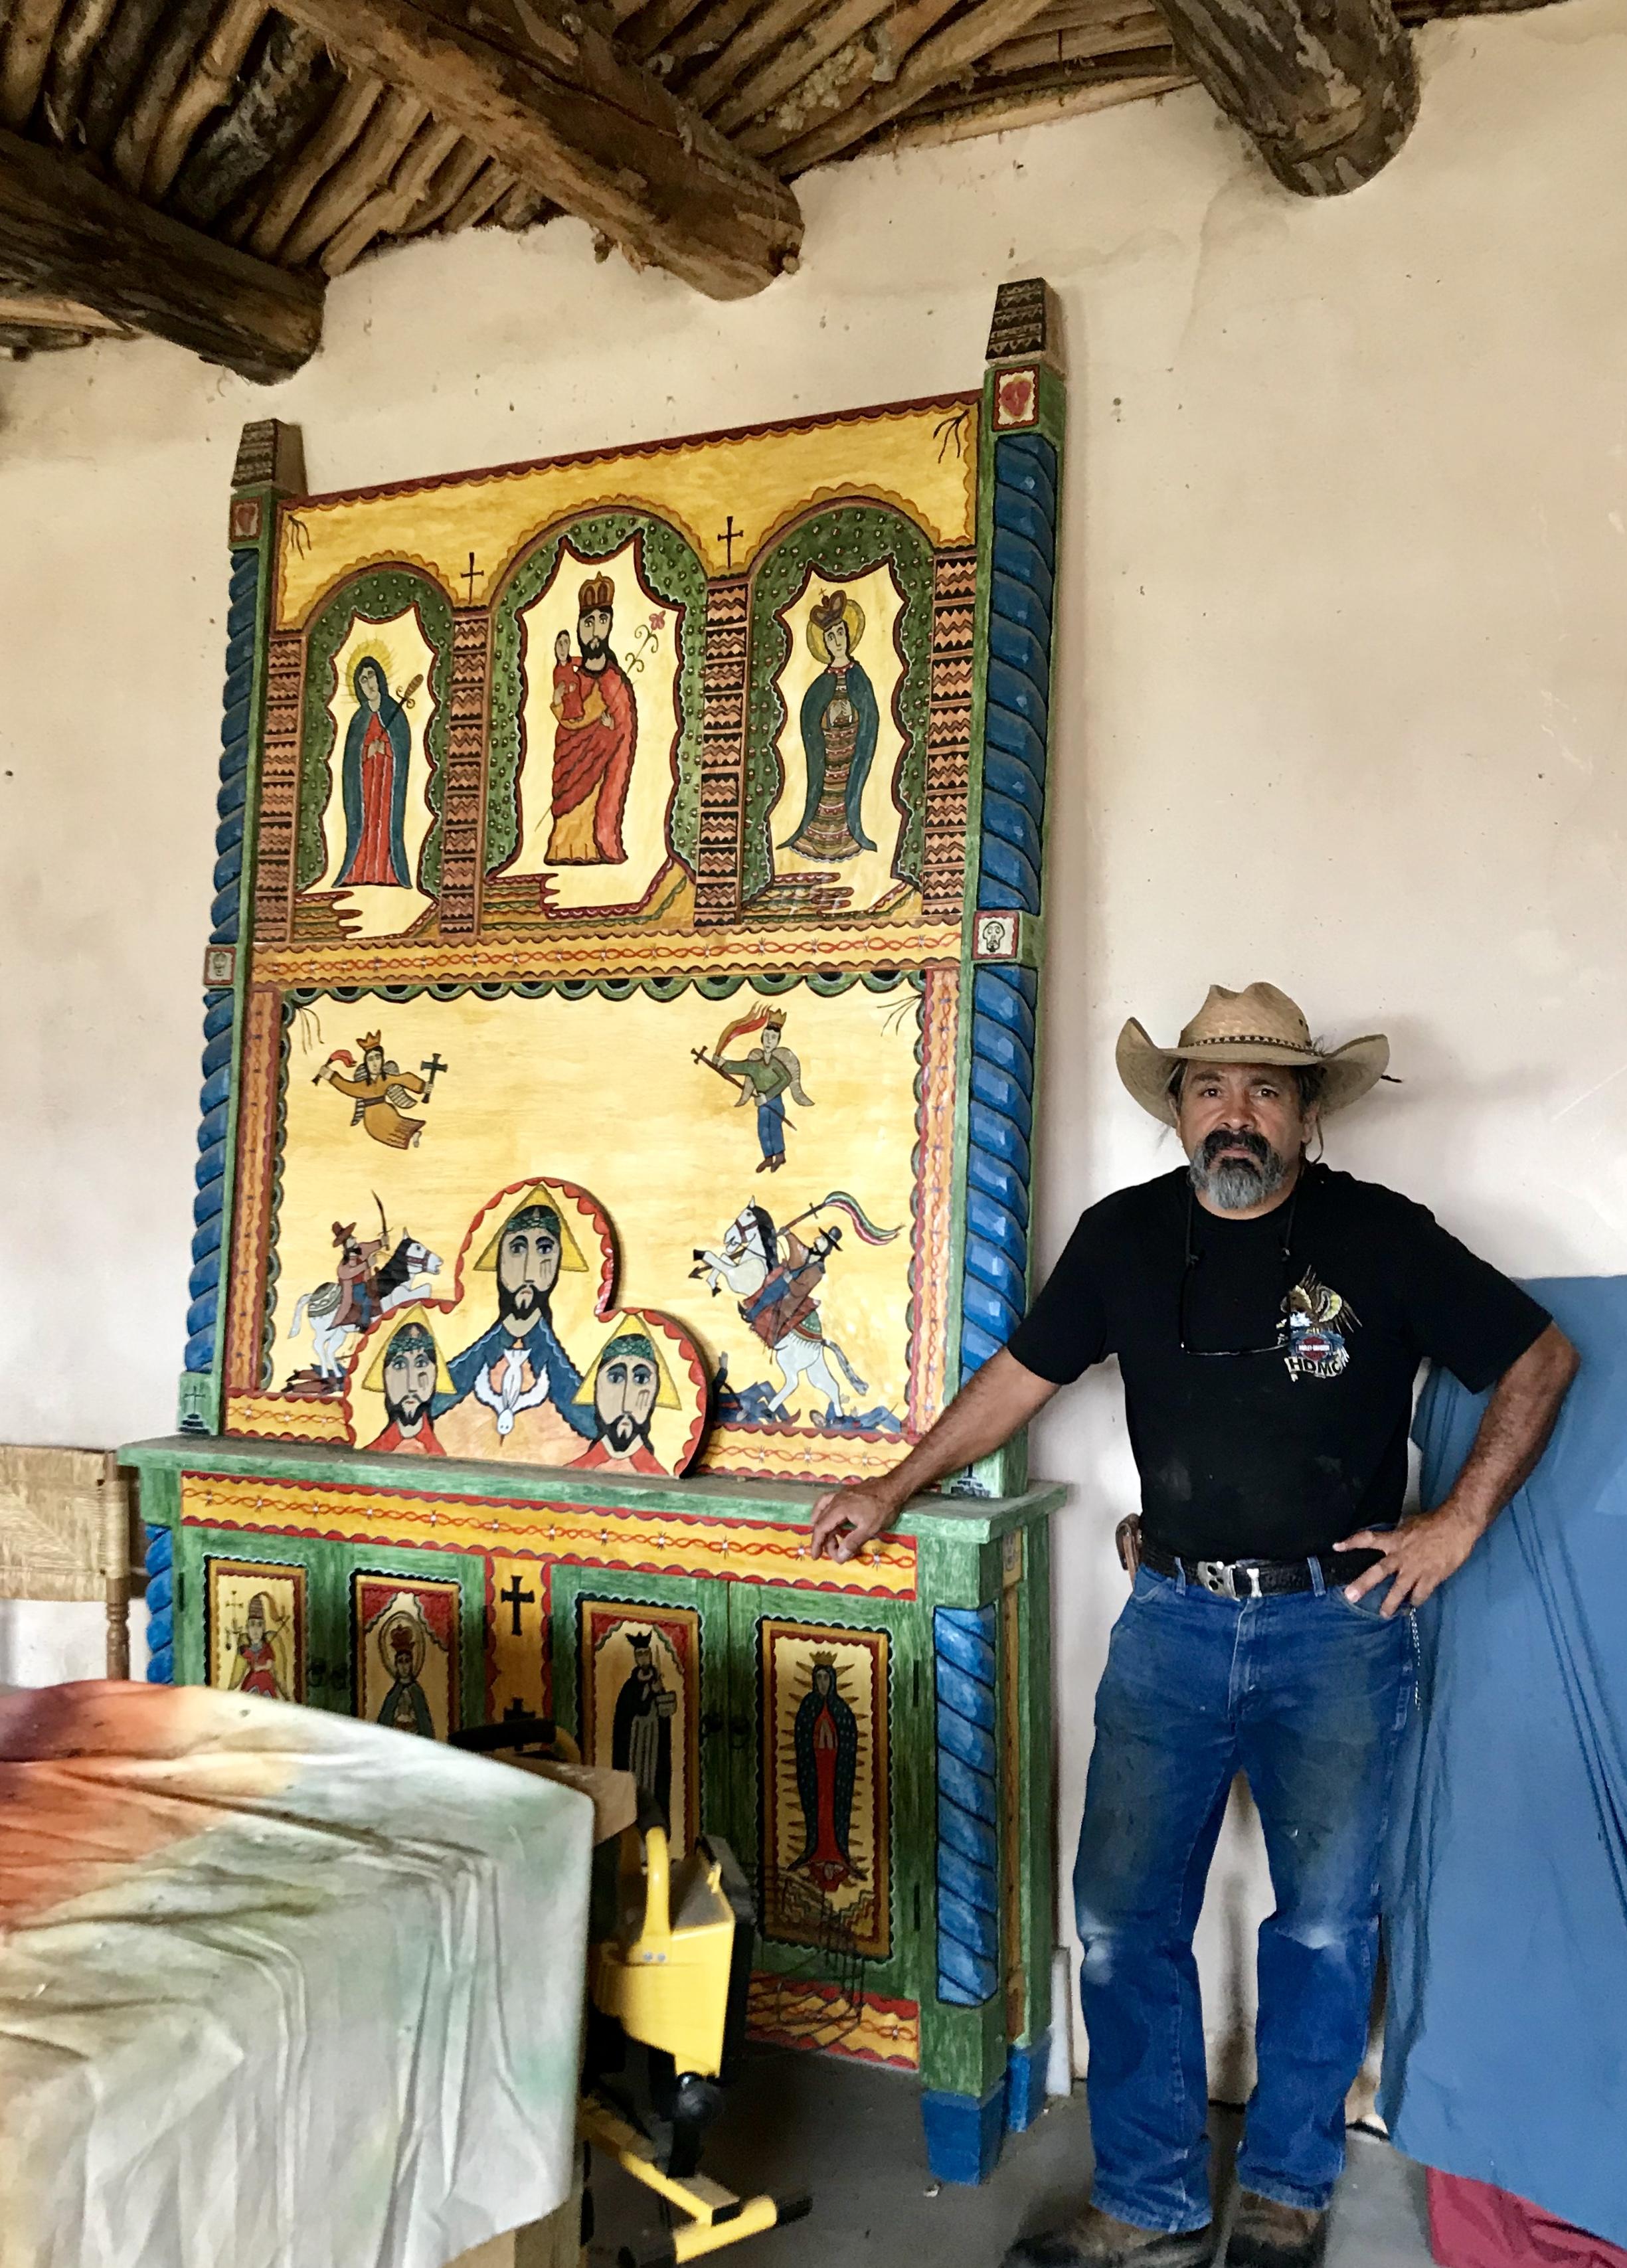 Outsider Art in Interior Design, New Mexico Folk Art in Interior Design, Santeros in Interior Design, New Mexican Bultos, New Mexican Retablos, New Mexican Santero